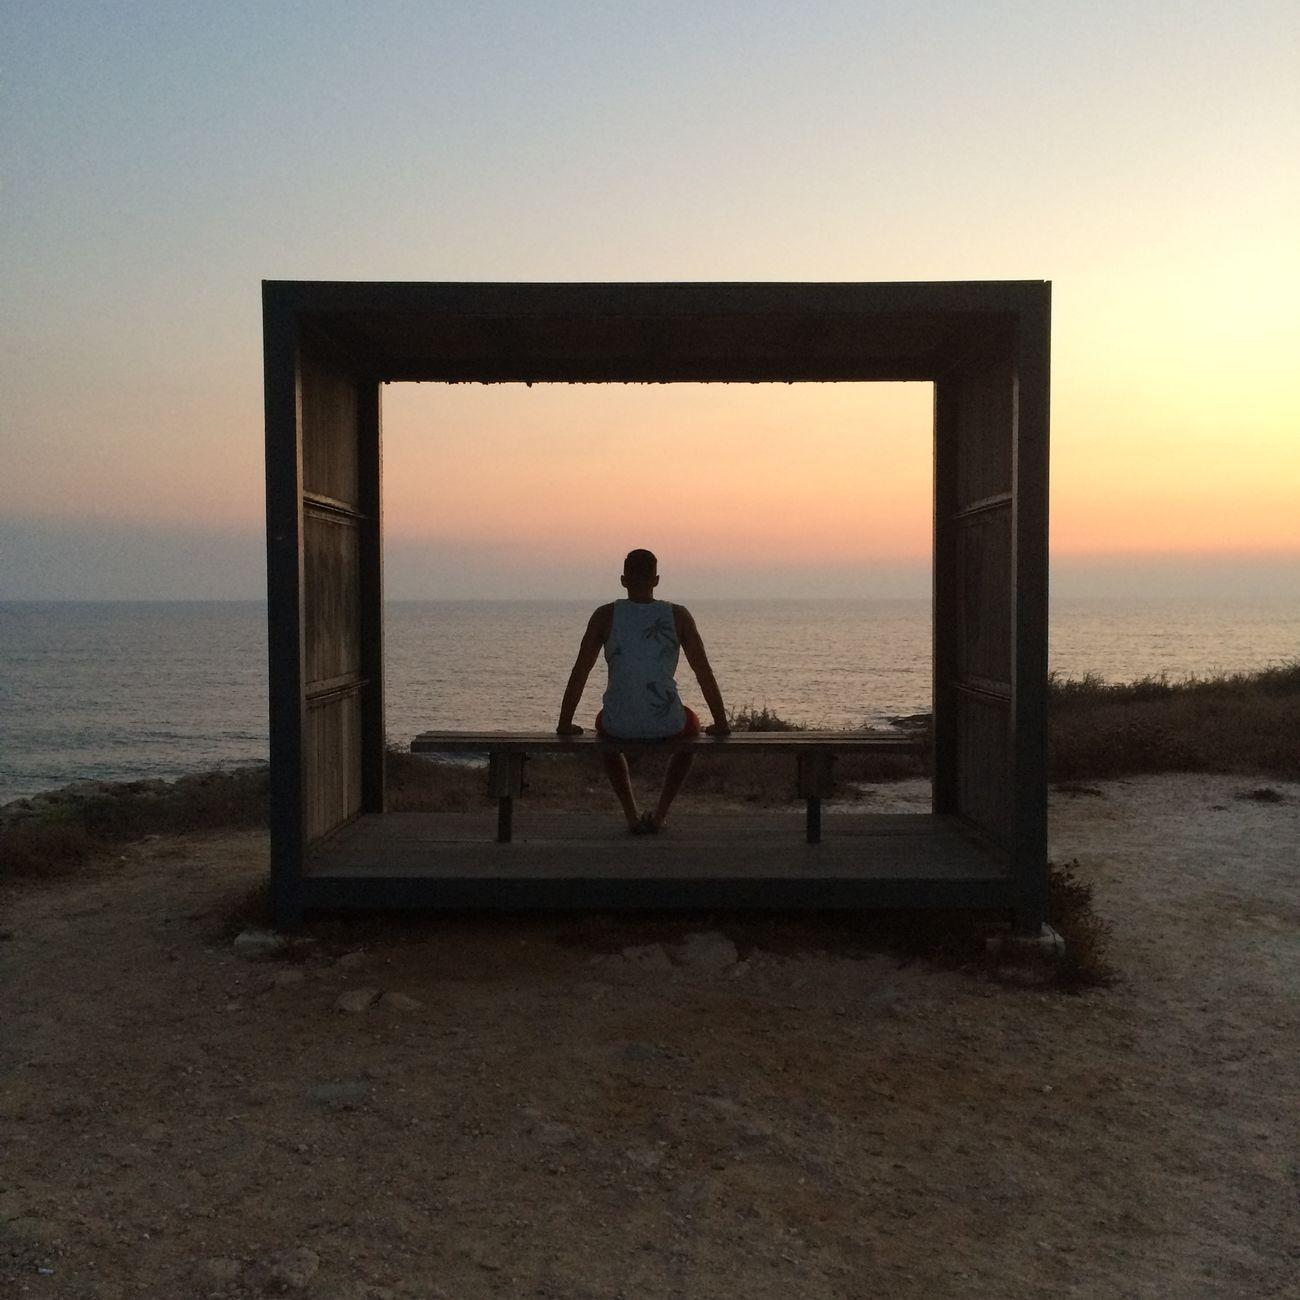 Σαν την Παφο εν εσχει!! Paphos Center Paphosharbour Harbour Sunset Noedit Nofilter Gorgeous View Cyprus Cyprusexploring Home Vacation